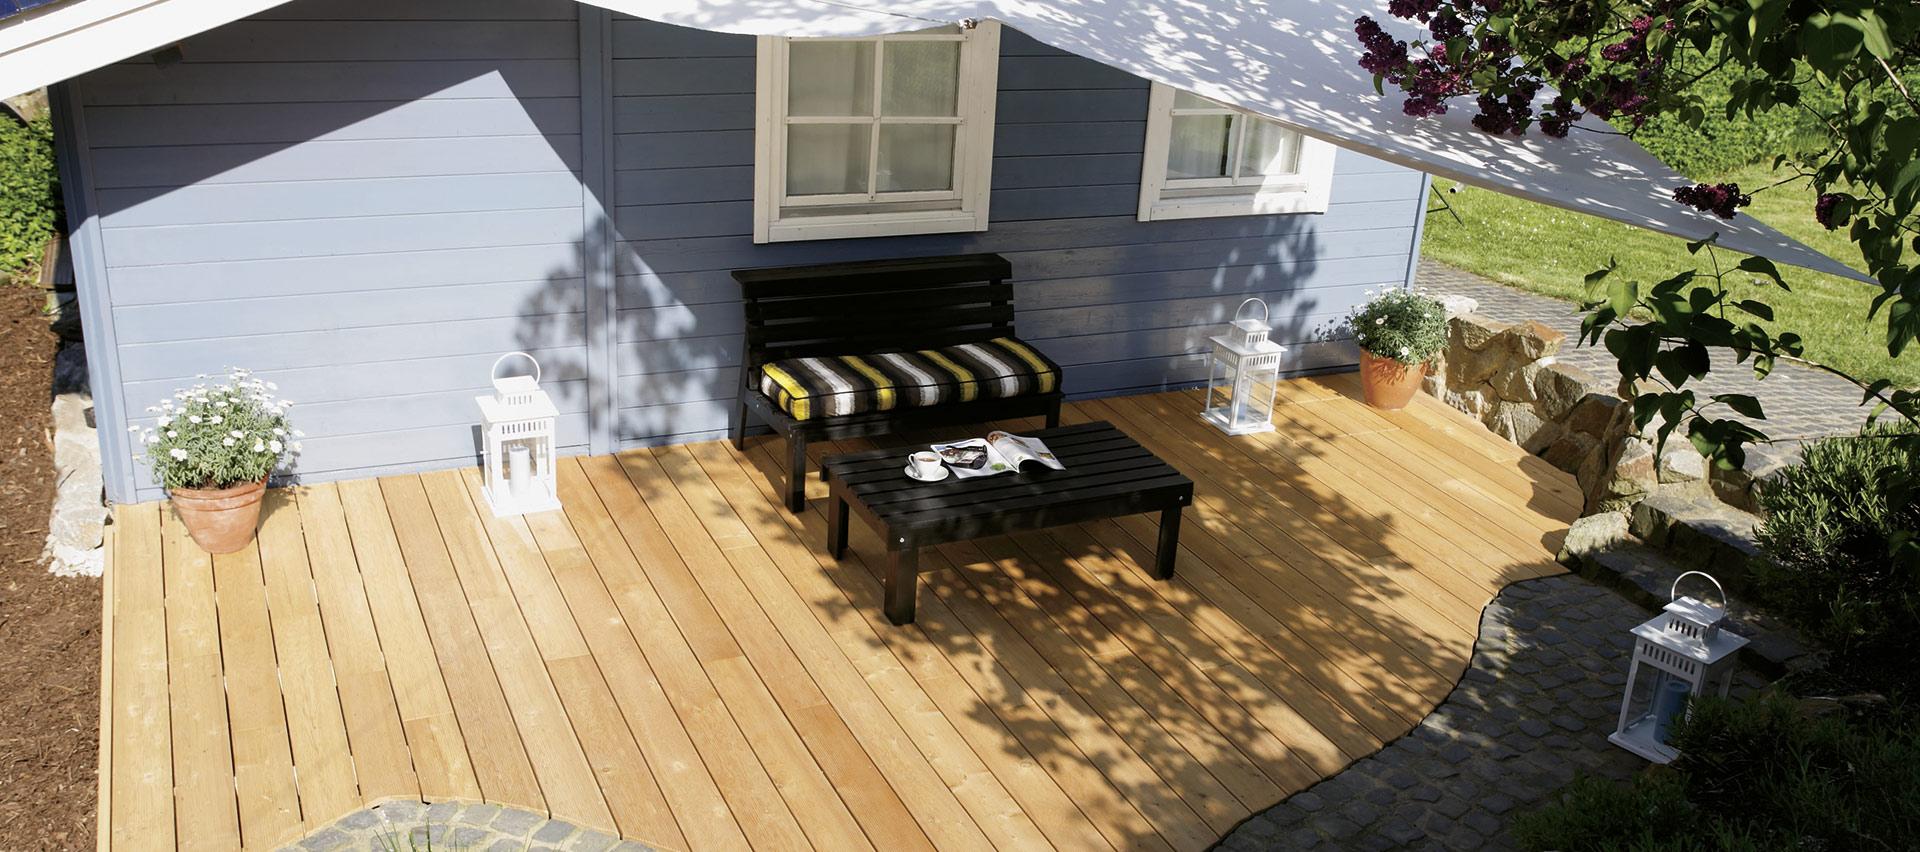 Garten | Perfekt ausgestattet mit Holz-Hauff